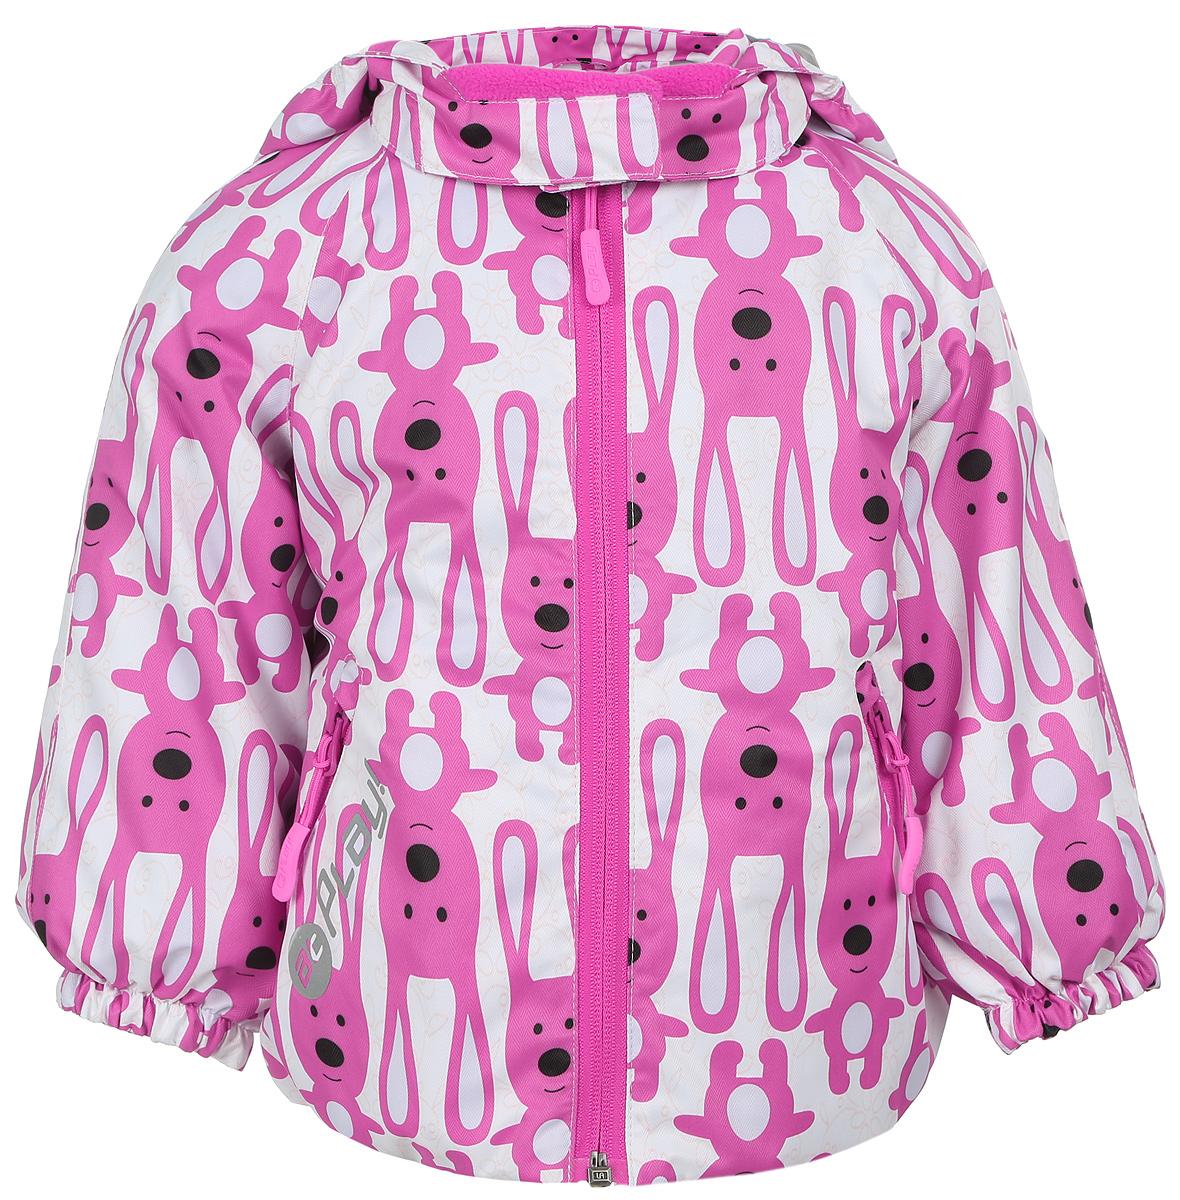 Куртка для девочки atPlay!, цвет: молочный, розовый. 1jk703. Размер 86, 1,5 года1jk703Удобная и комфортная куртка для девочки atPlay! выполнена из качественного полиэстера, с покрытием Teflon от DuPont, которое облегчает уход за этой одеждой. Дышащая способность: 5000г/м и водонепроницаемость куртки: 5000мм.Куртка 2 в 1 с отстегивающейся флисовой поддевкой-кофточкой из материала Polar fleese, которая служит как утеплитель, а также ее можно носить отдельно. Такая кофточка отличное решение для весеннего периода, к тому же она изготовлена с антипиллинговой обработкой ворса для сохранения качественных характеристик на более длительный срок. Куртка с воротником-стойкой и отстегивающимся капюшоном застегивается на молнию с защитой подбородка. Капюшон имеет спереди защитный клапан на липучках. Манжеты рукавов, капюшон и низ изделия дополнены эластичными резинками. Спереди модель оформлена двумя прорезными карманами на застежках-молниях, с внутренней стороны на поддевке-кофточке расположены два накладных кармана.Куртка оснащена светоотражающей надписью и оформлена интересным принтом с изображением зайчиков.